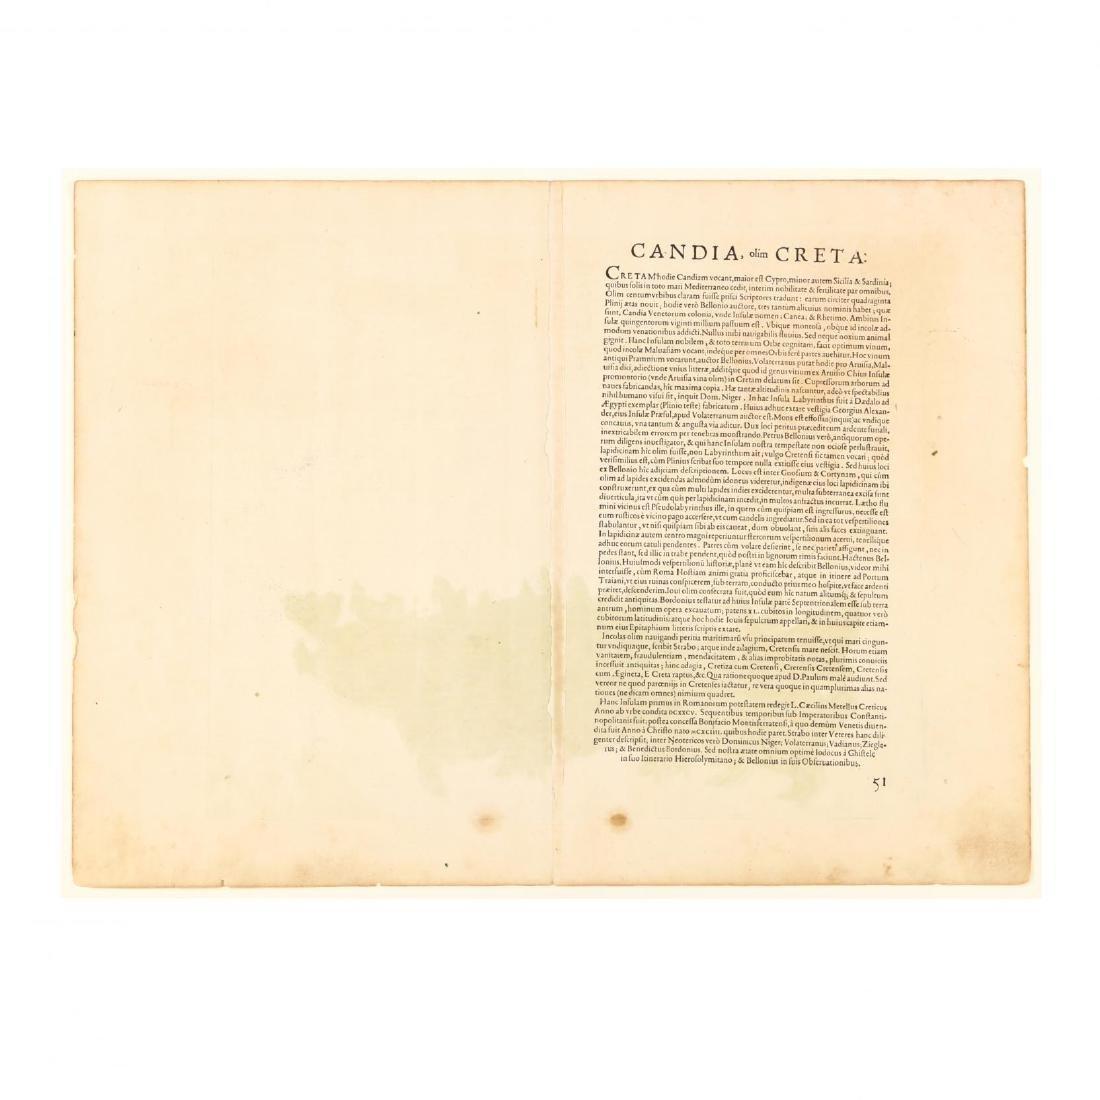 Ortelius, Abraham.  Cyprus Insula  with  Candia Olim - 3